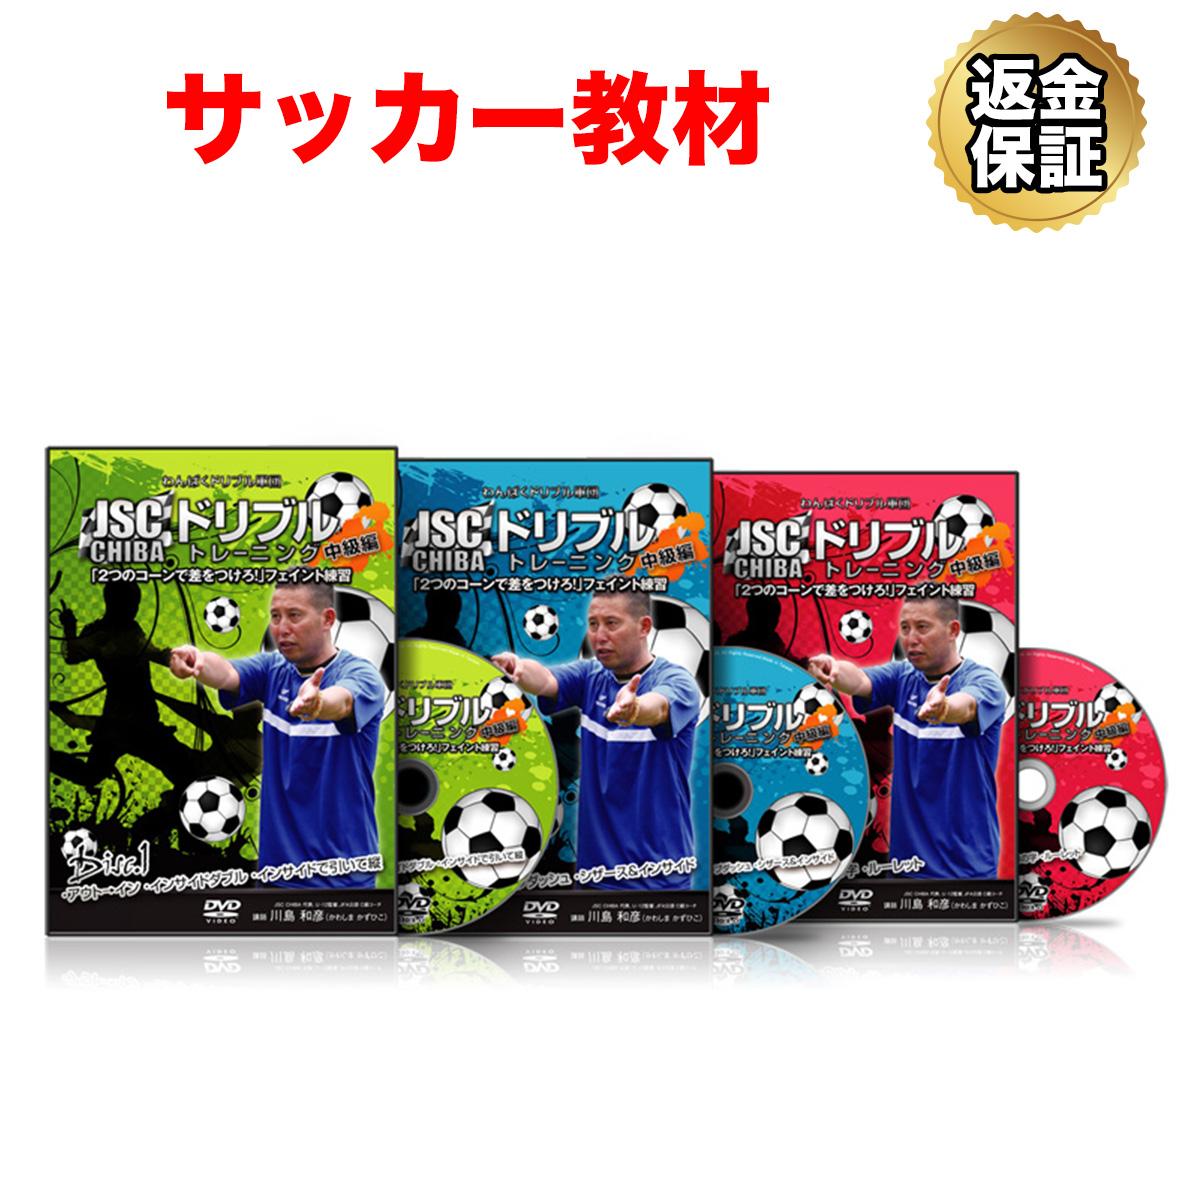 サッカー 教材 DVD わんぱくドリブル軍団JSC CHIBAのドリブルトレーニング 中級編 フルセット